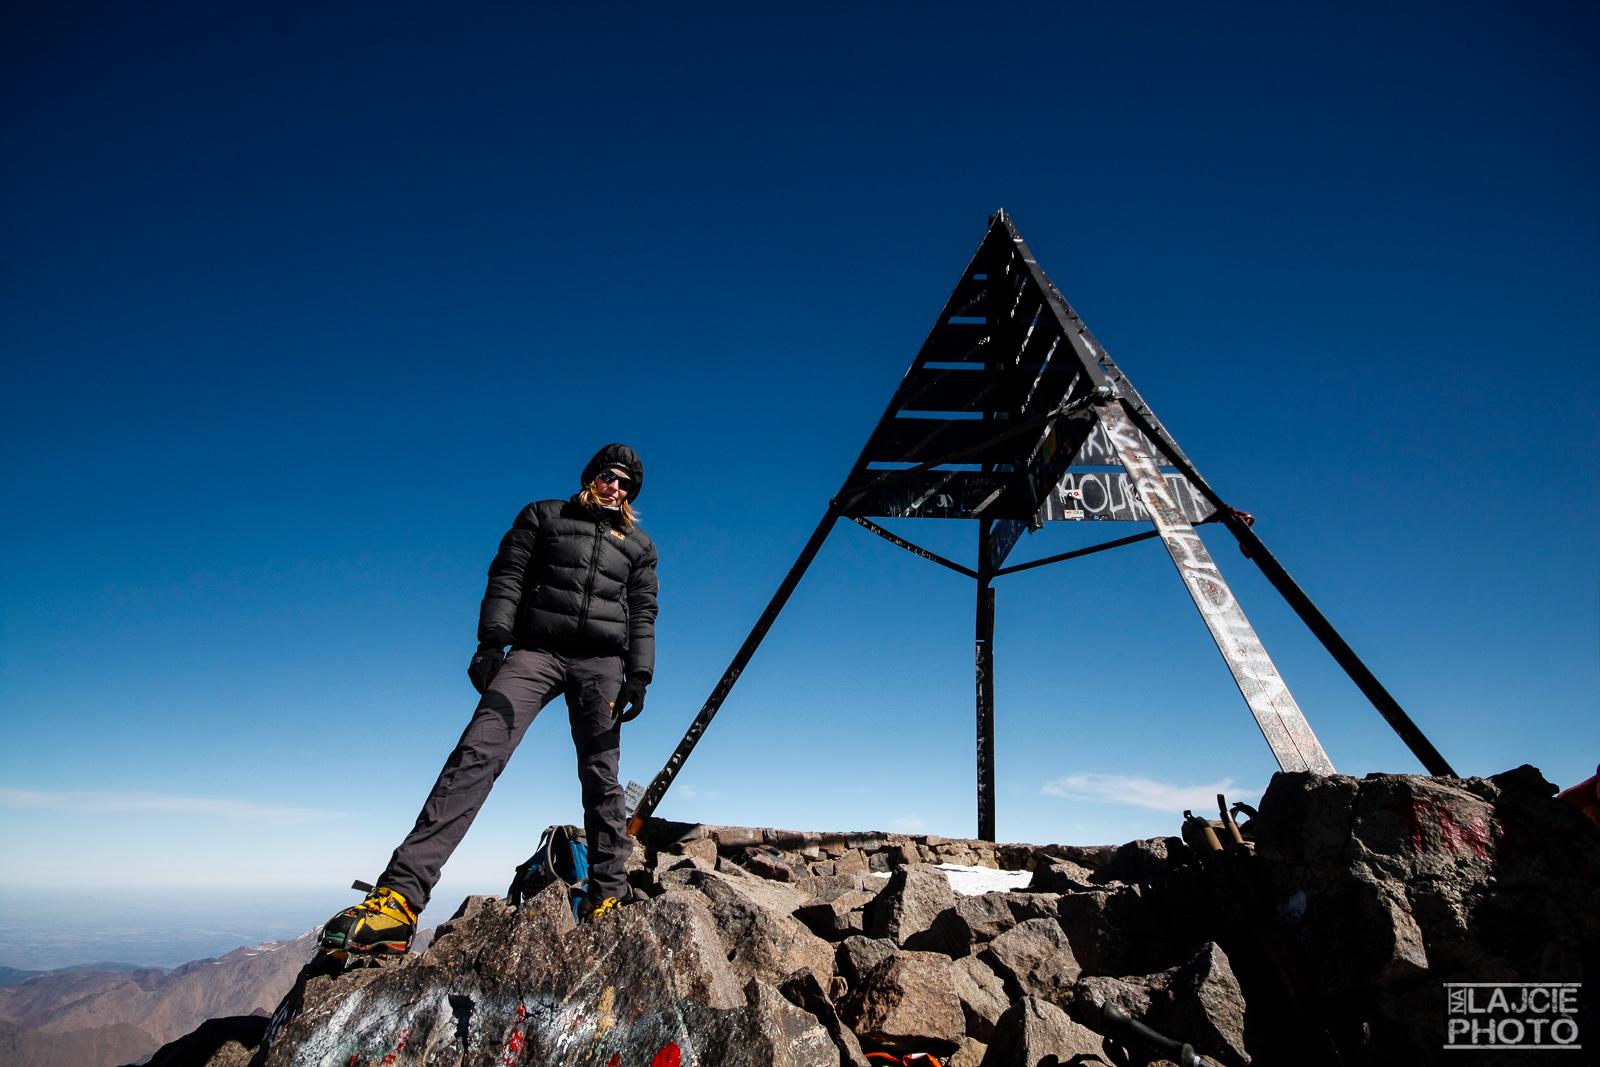 Jesteśmy na szczycie Jbel Toubkal! :)